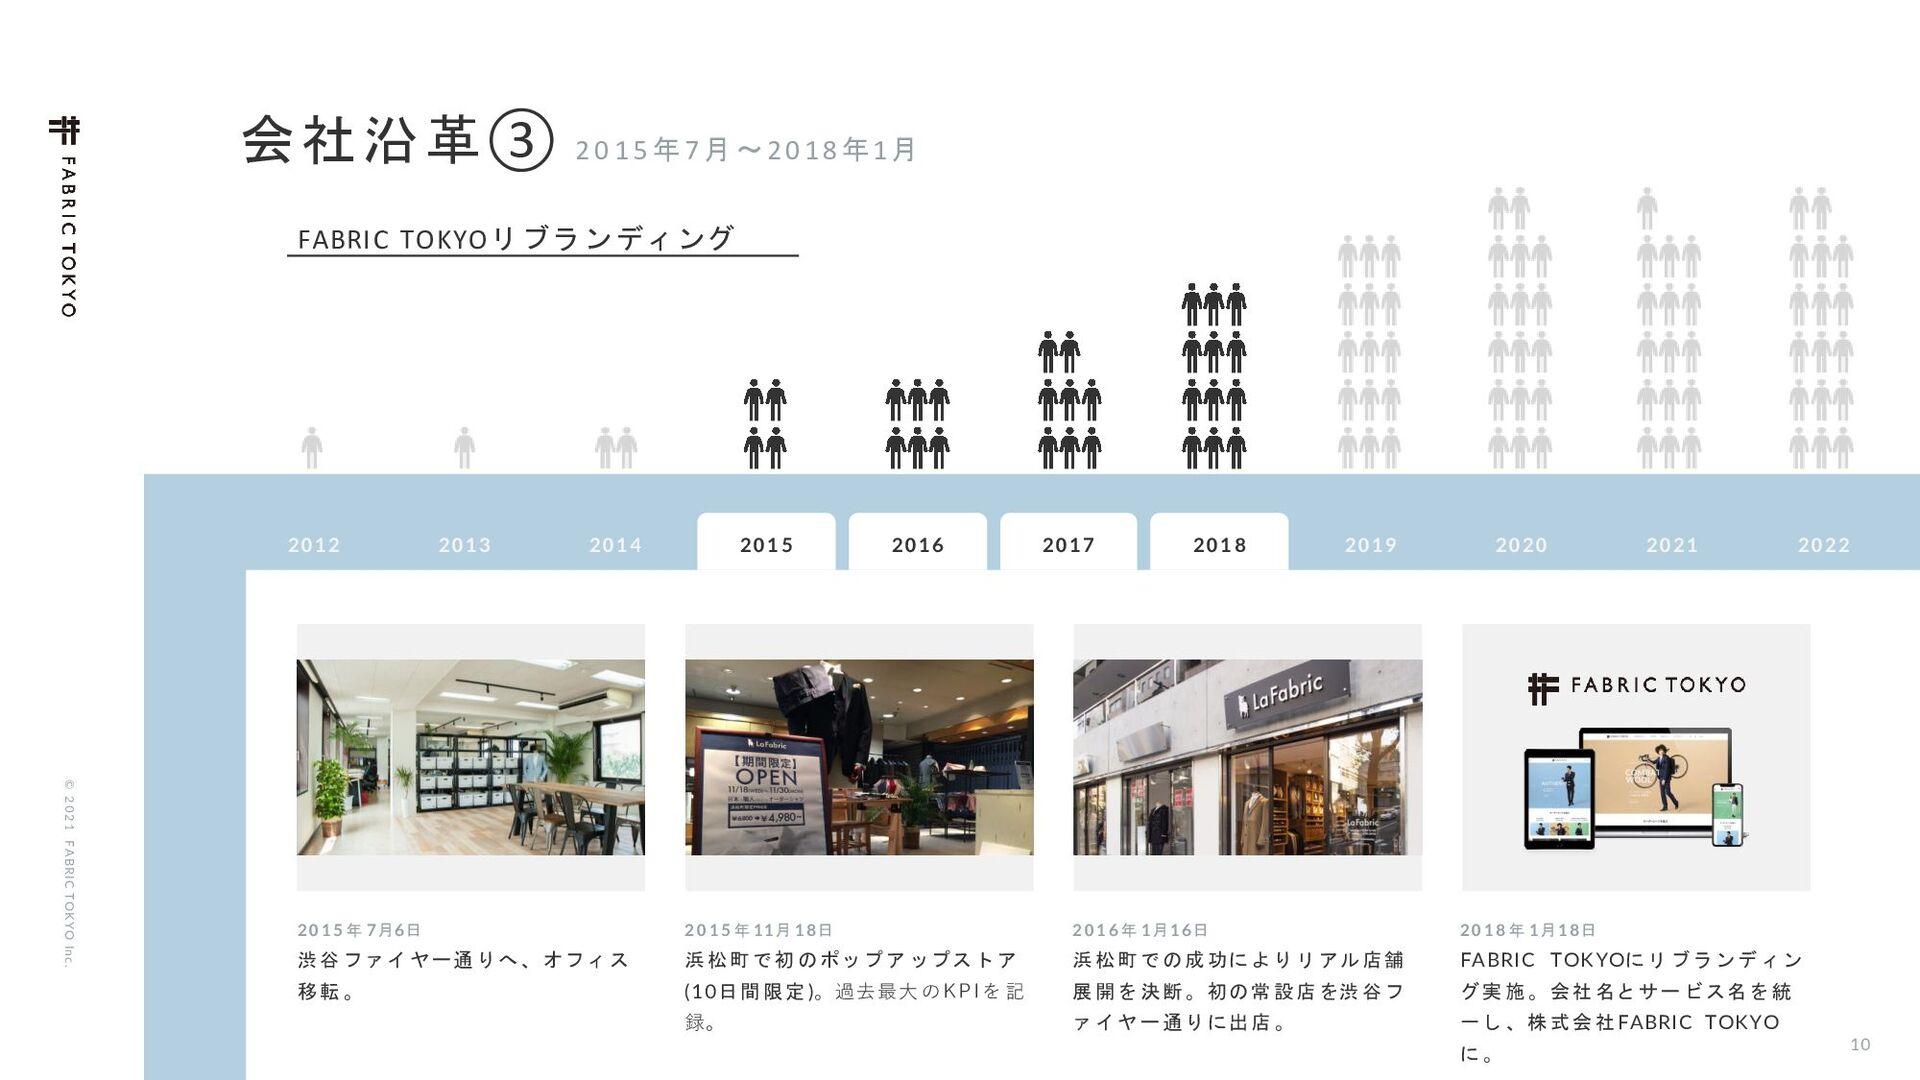 © 2021 FABRIC TOKYO Inc. 10 ࢲͨͪΞύϨϧۀΛߦ͍ͬͯ·͢ɻ ...